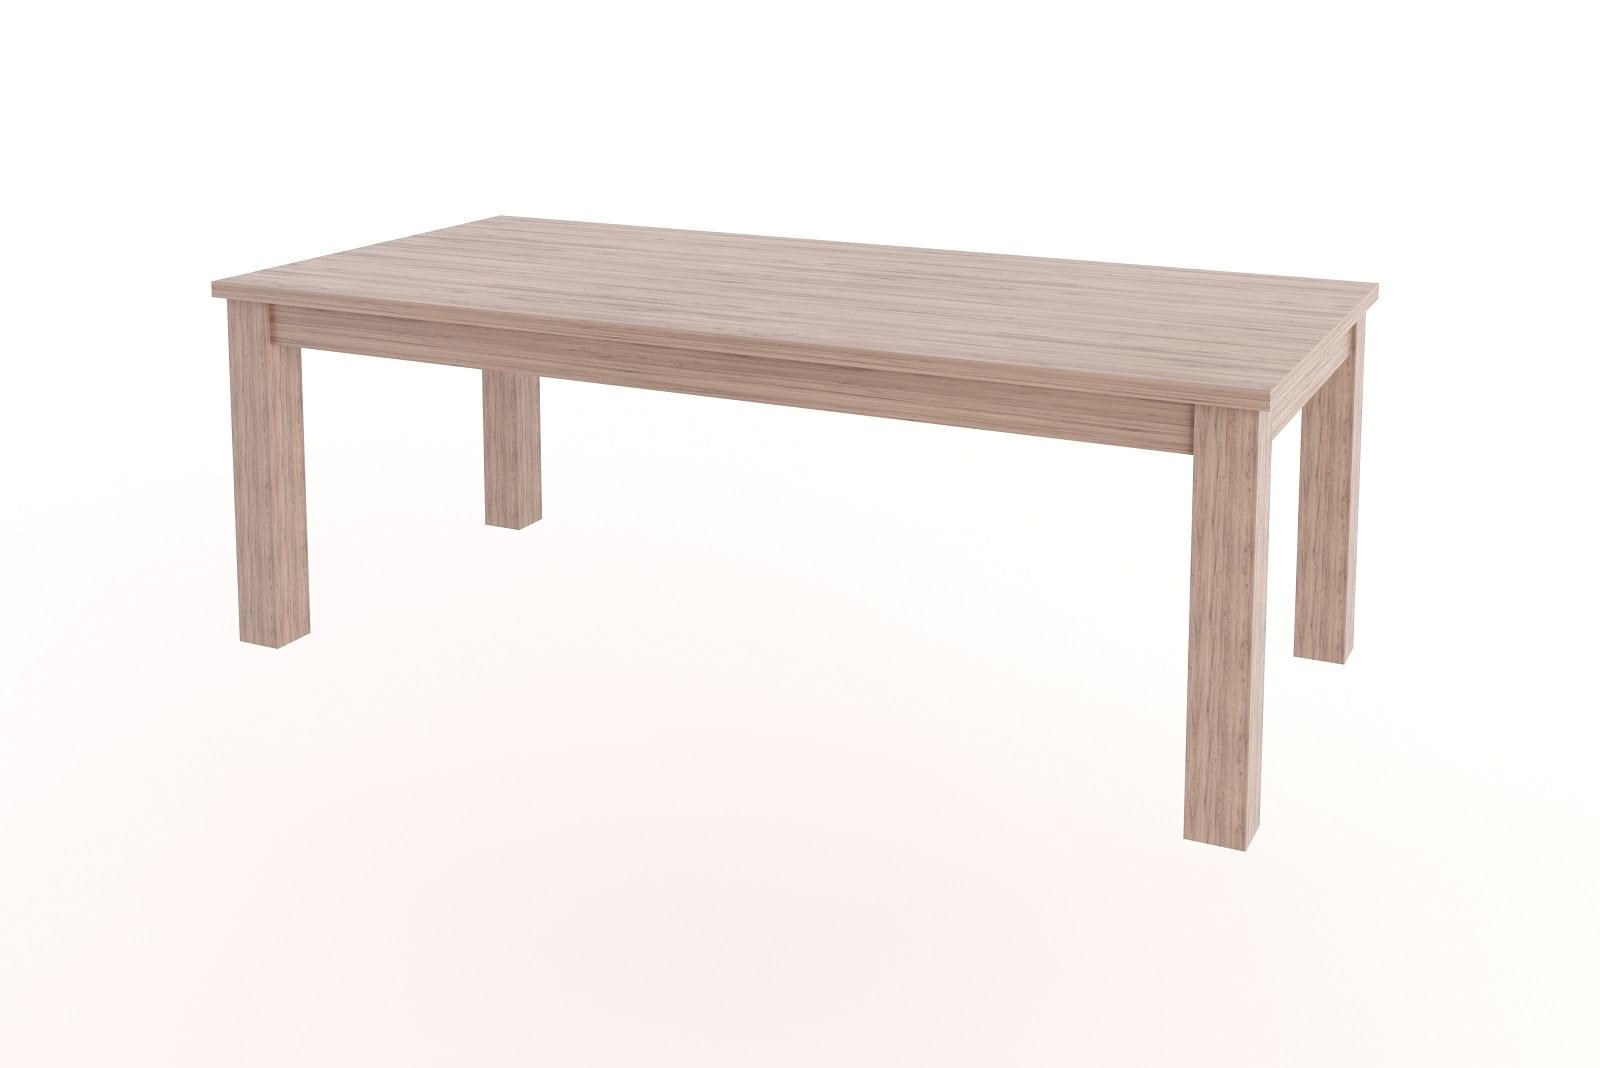 Chunky Table 2100